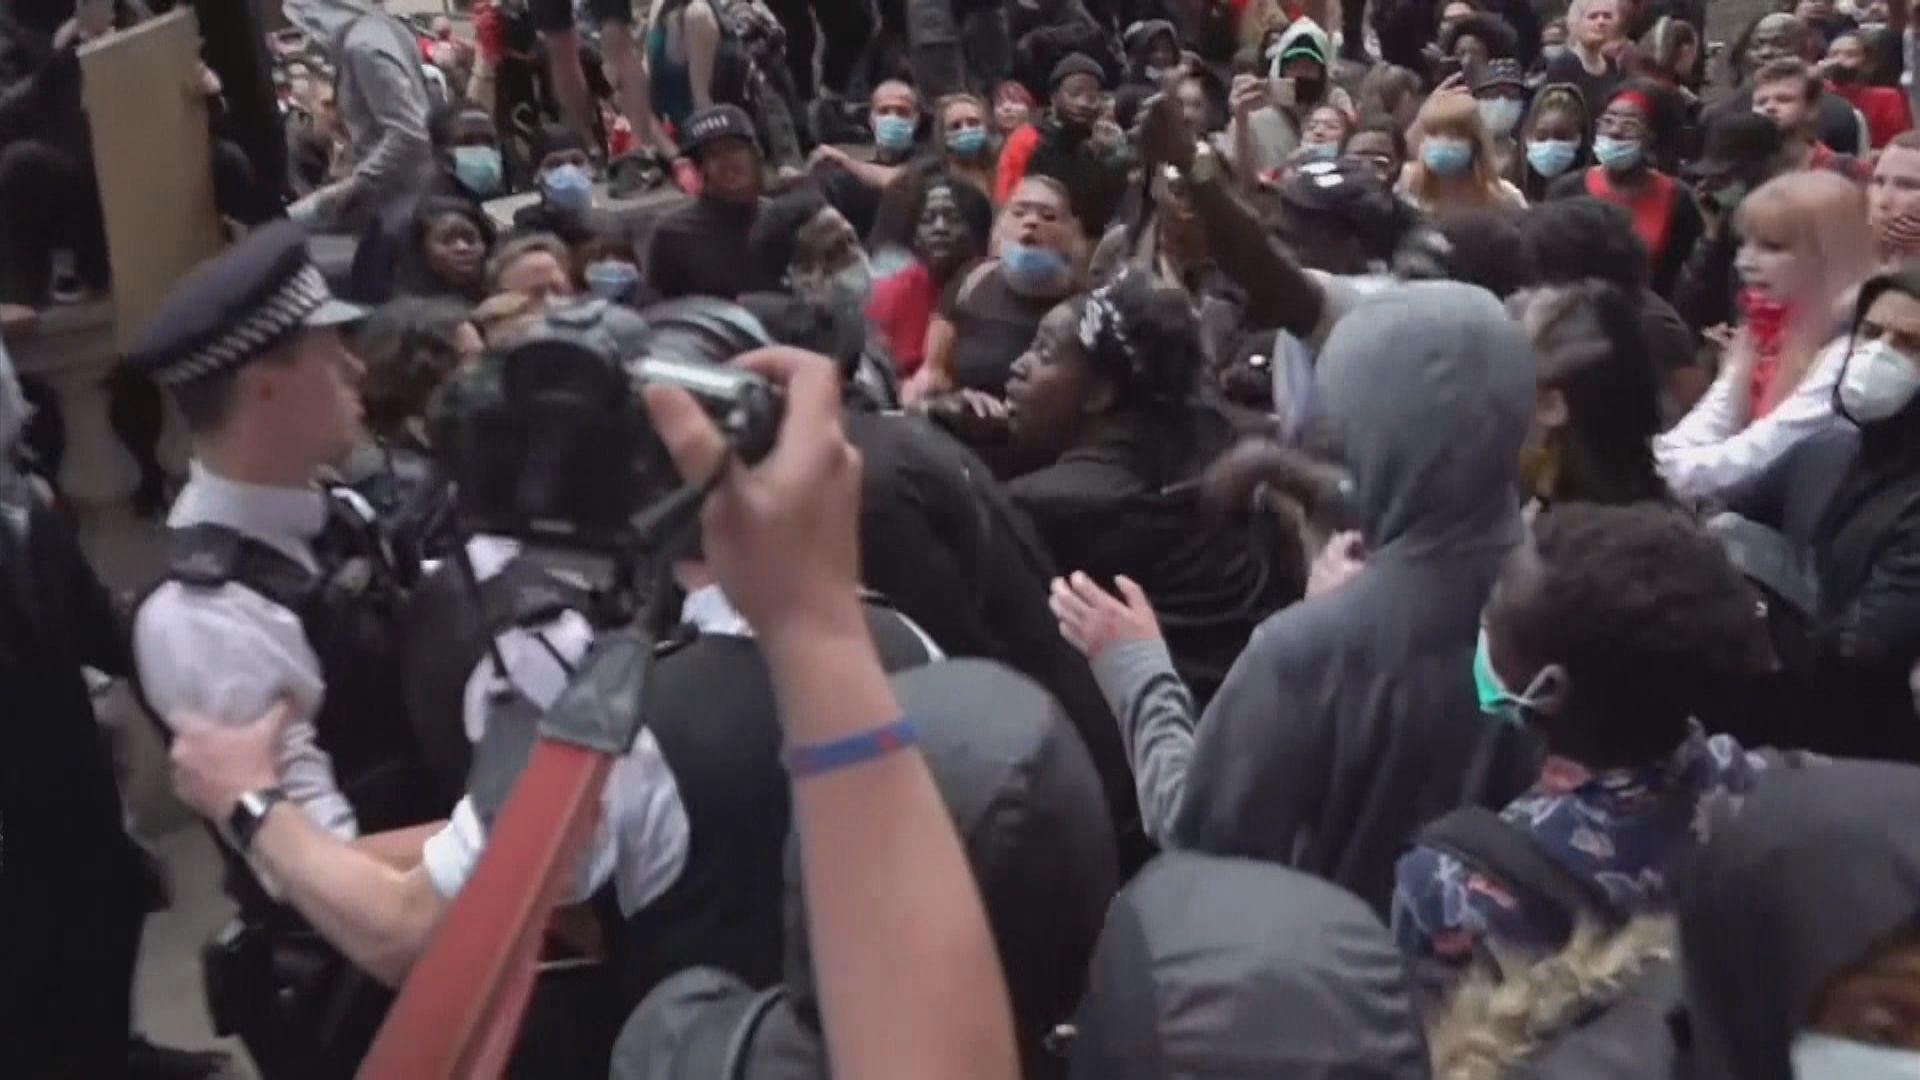 倫敦抗議種族歧視示威演變成衝突